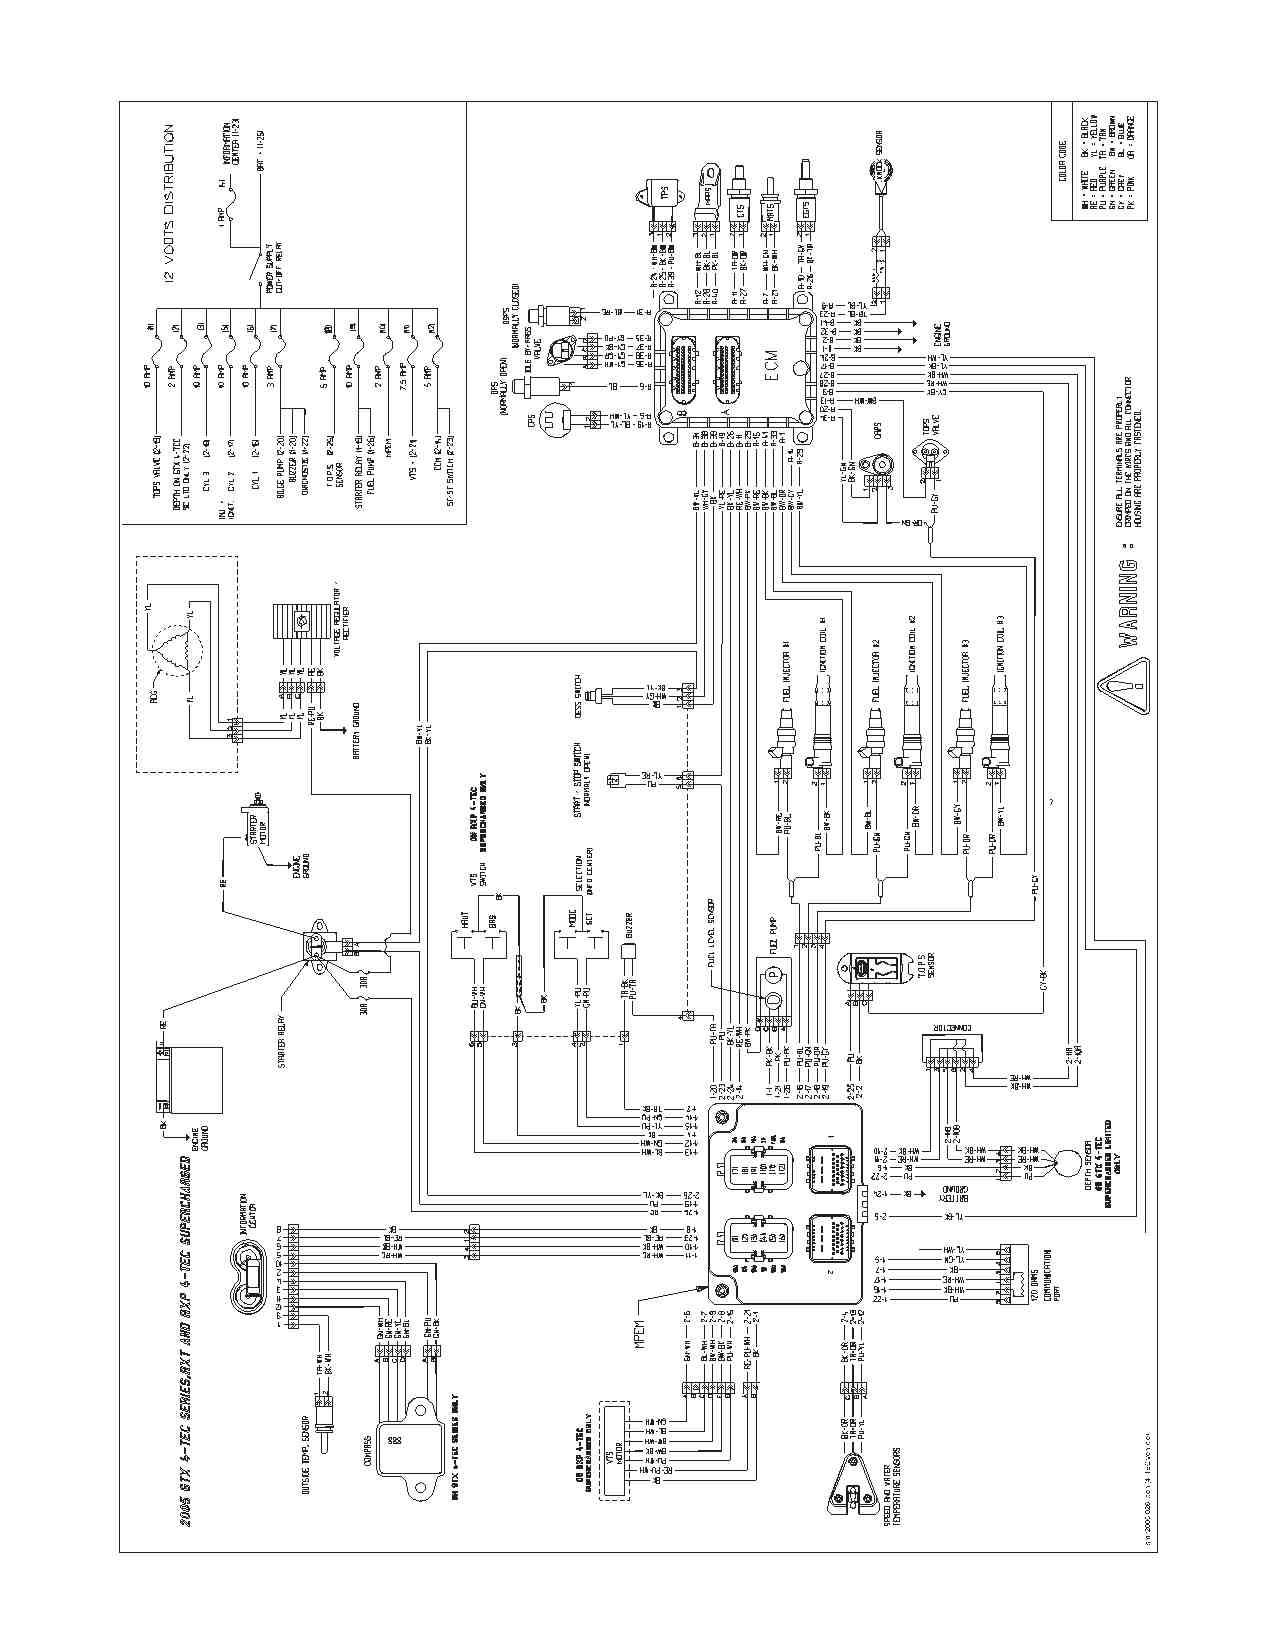 1993 Seadoo Spx Wiring Diagram - Wiring Diagram